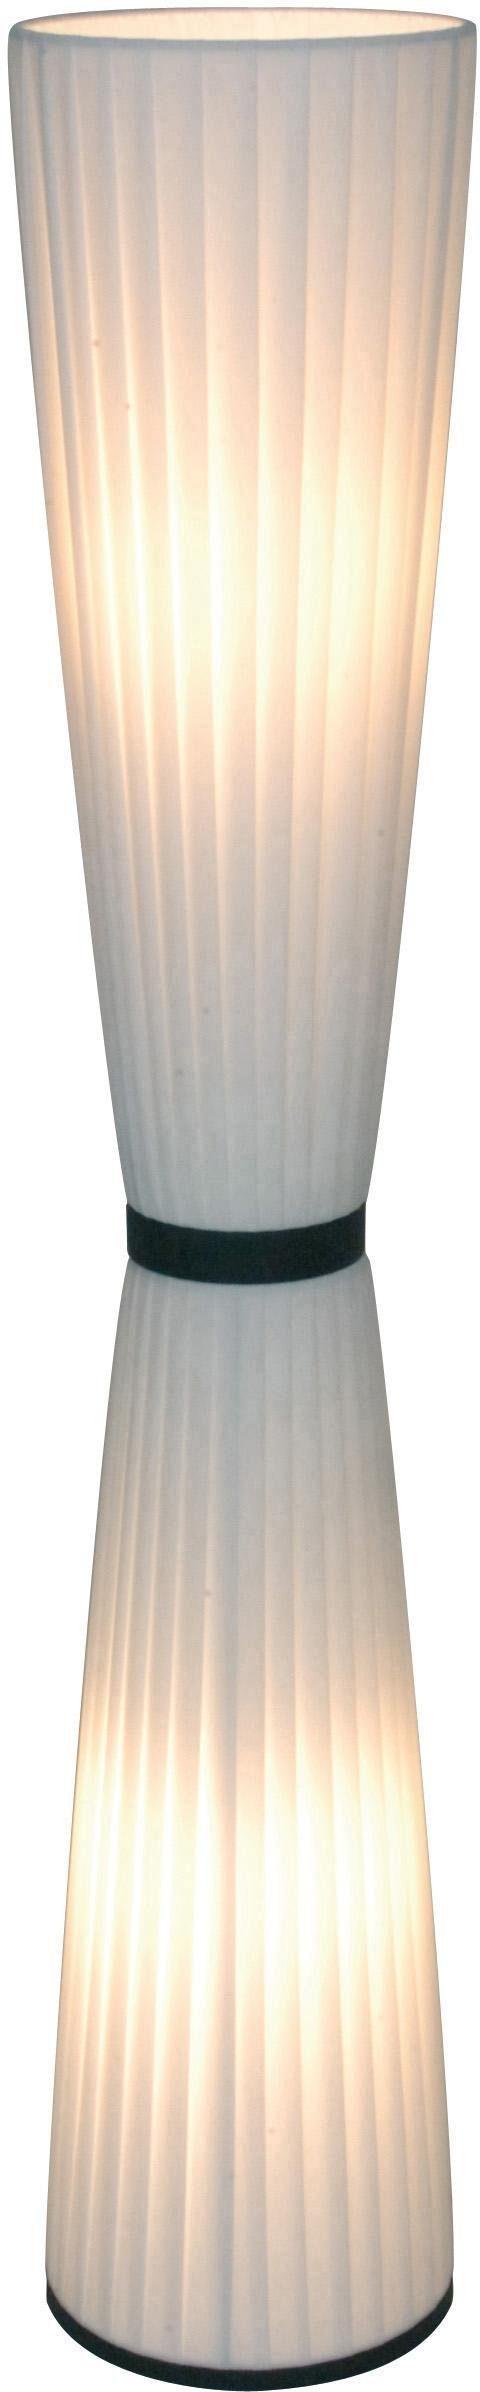 näve Stehlampe »WHITE LINE«, 2-flammig